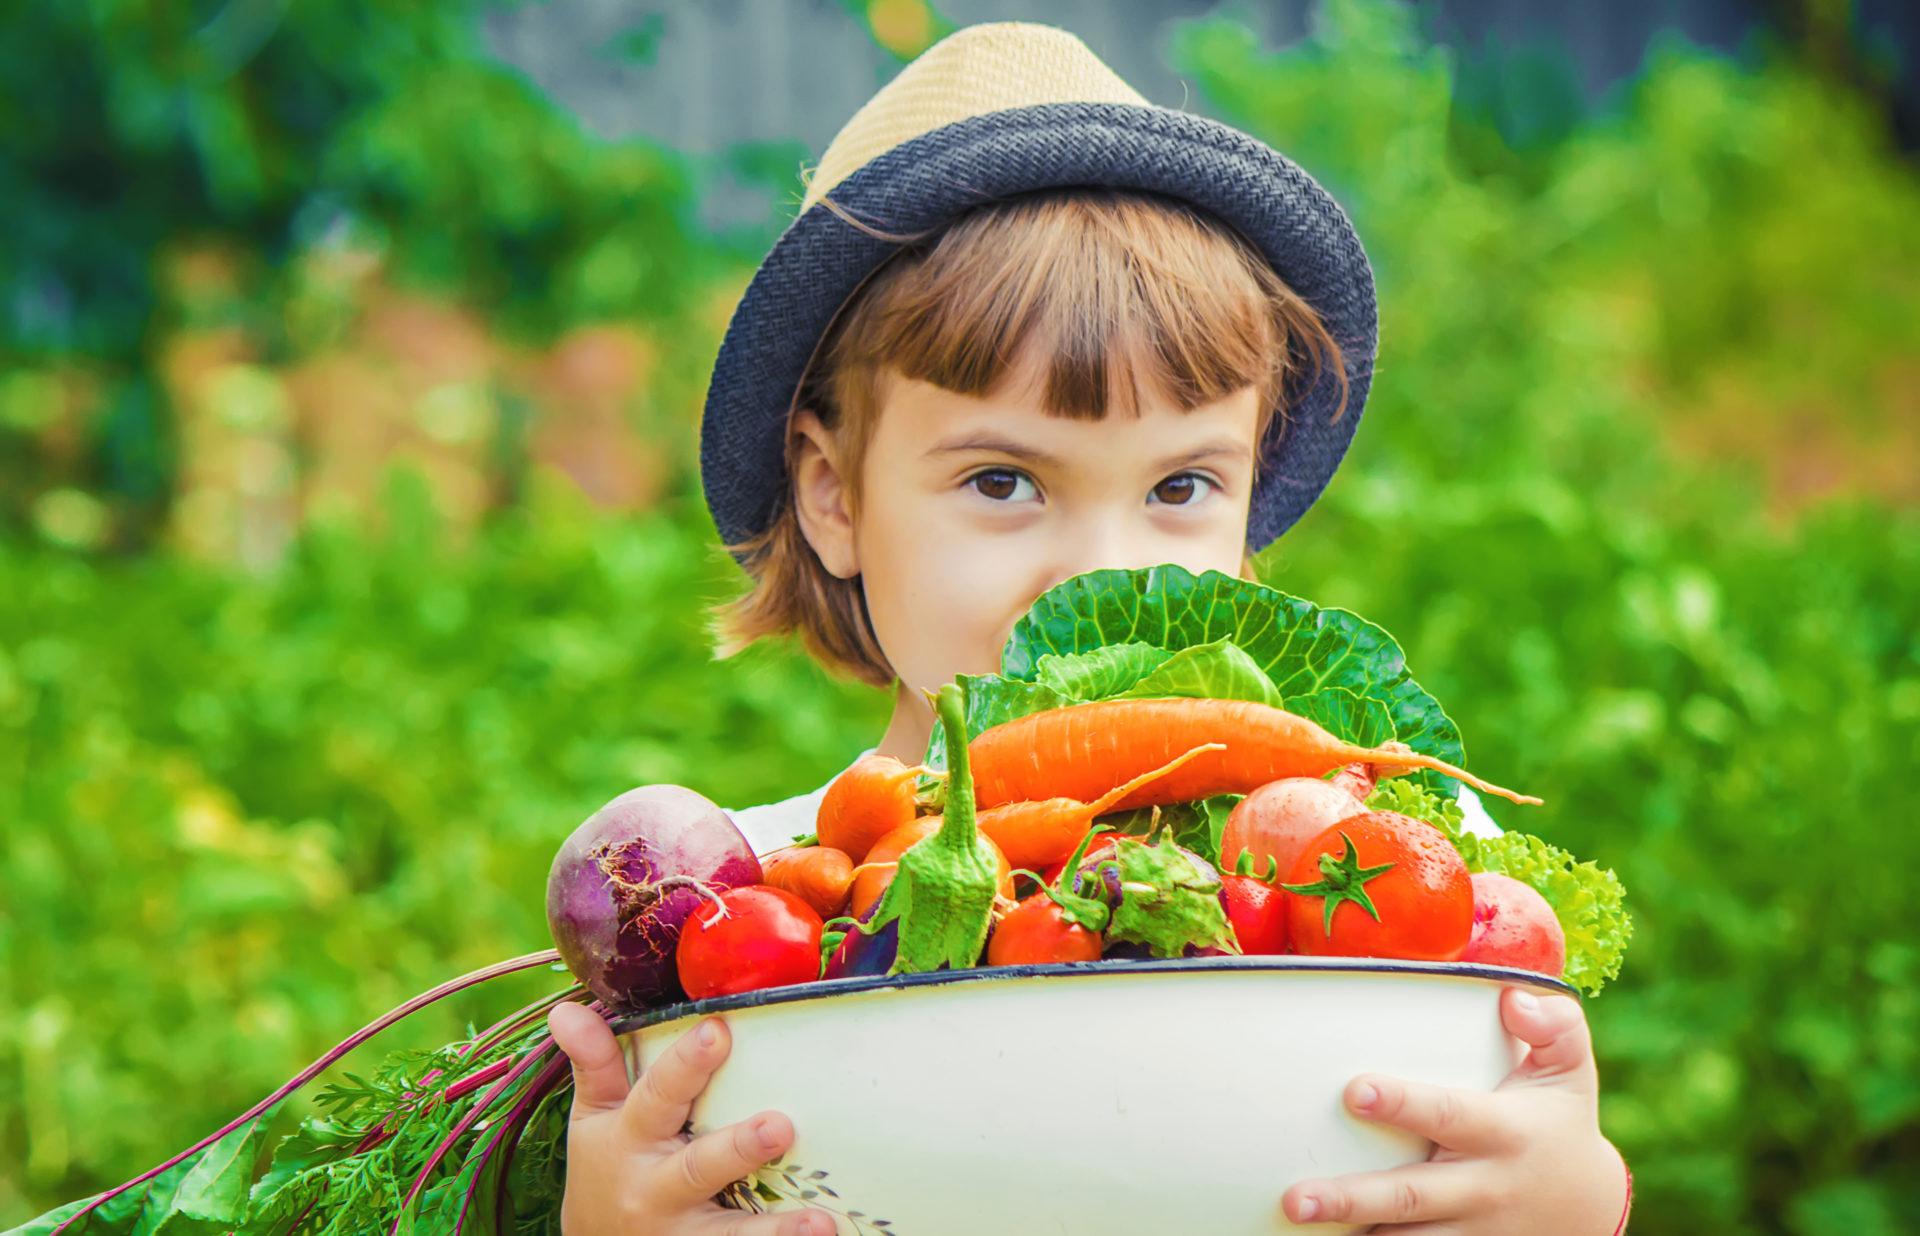 Dziewczynka ze świeżo zebranymi warzywami